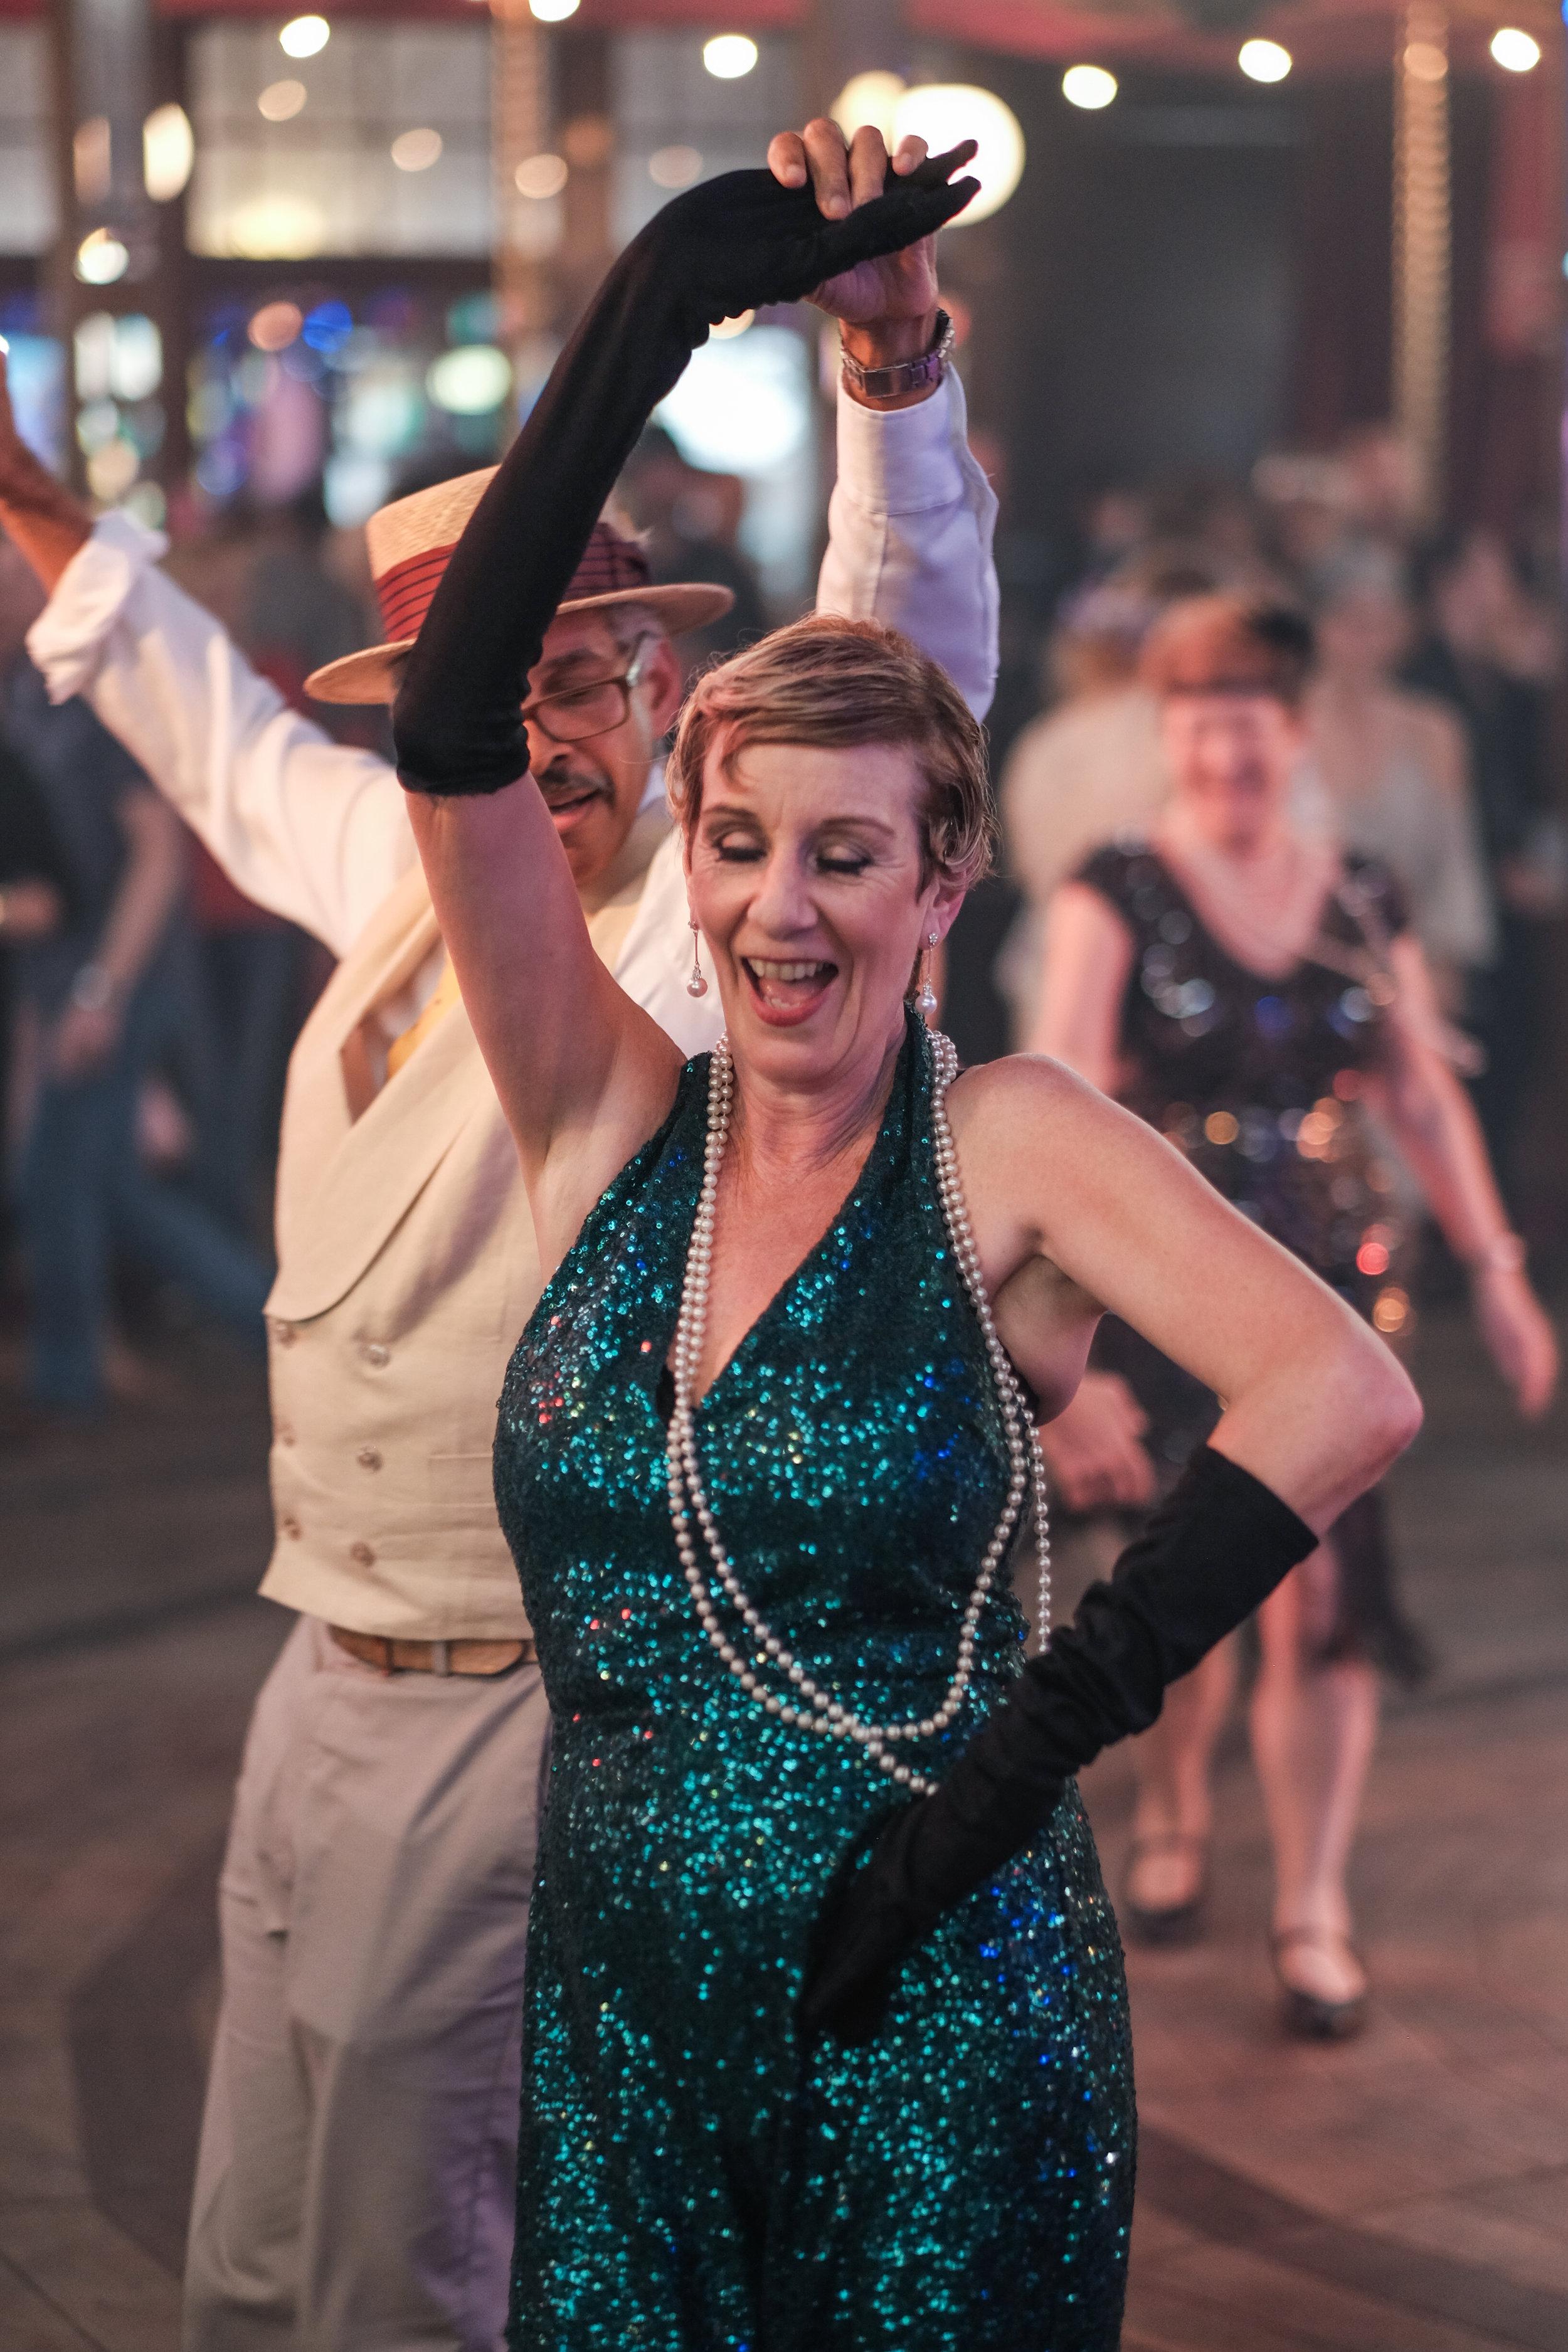 My Charleston Dance